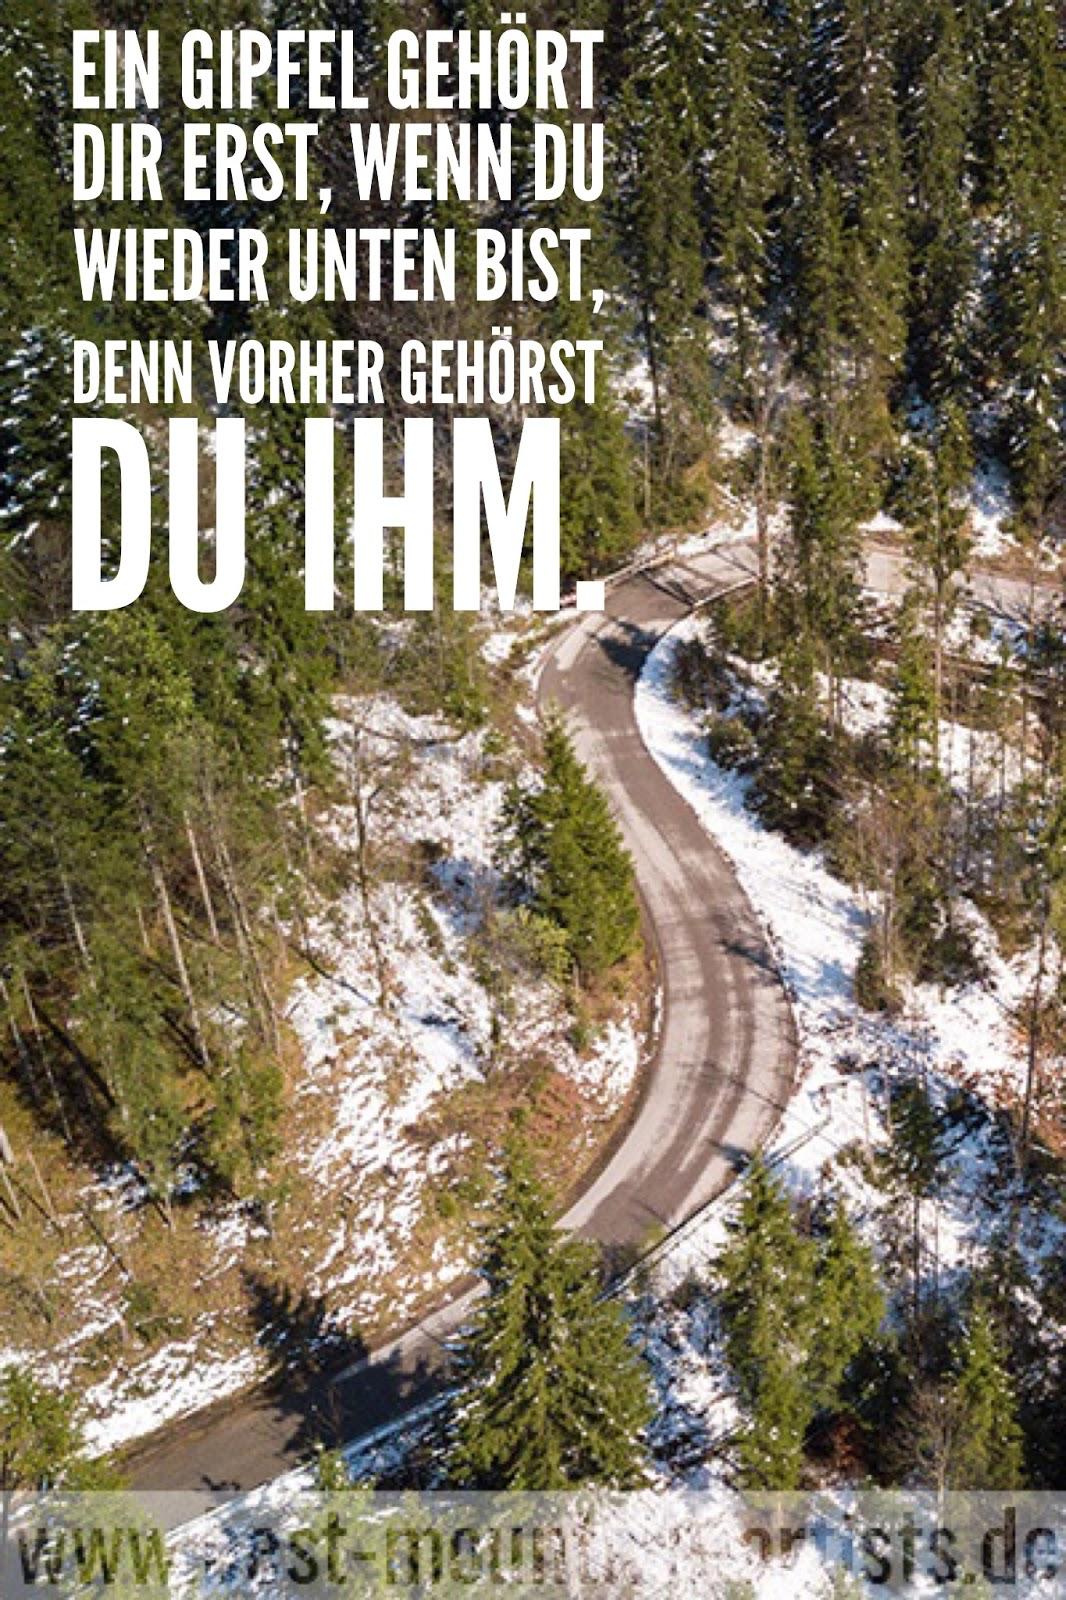 """""""Ein Gipfel gehört dir erst, wenn du wieder unten bist, denn vorher gehörst zu ihm."""", Hans Kammerlander"""